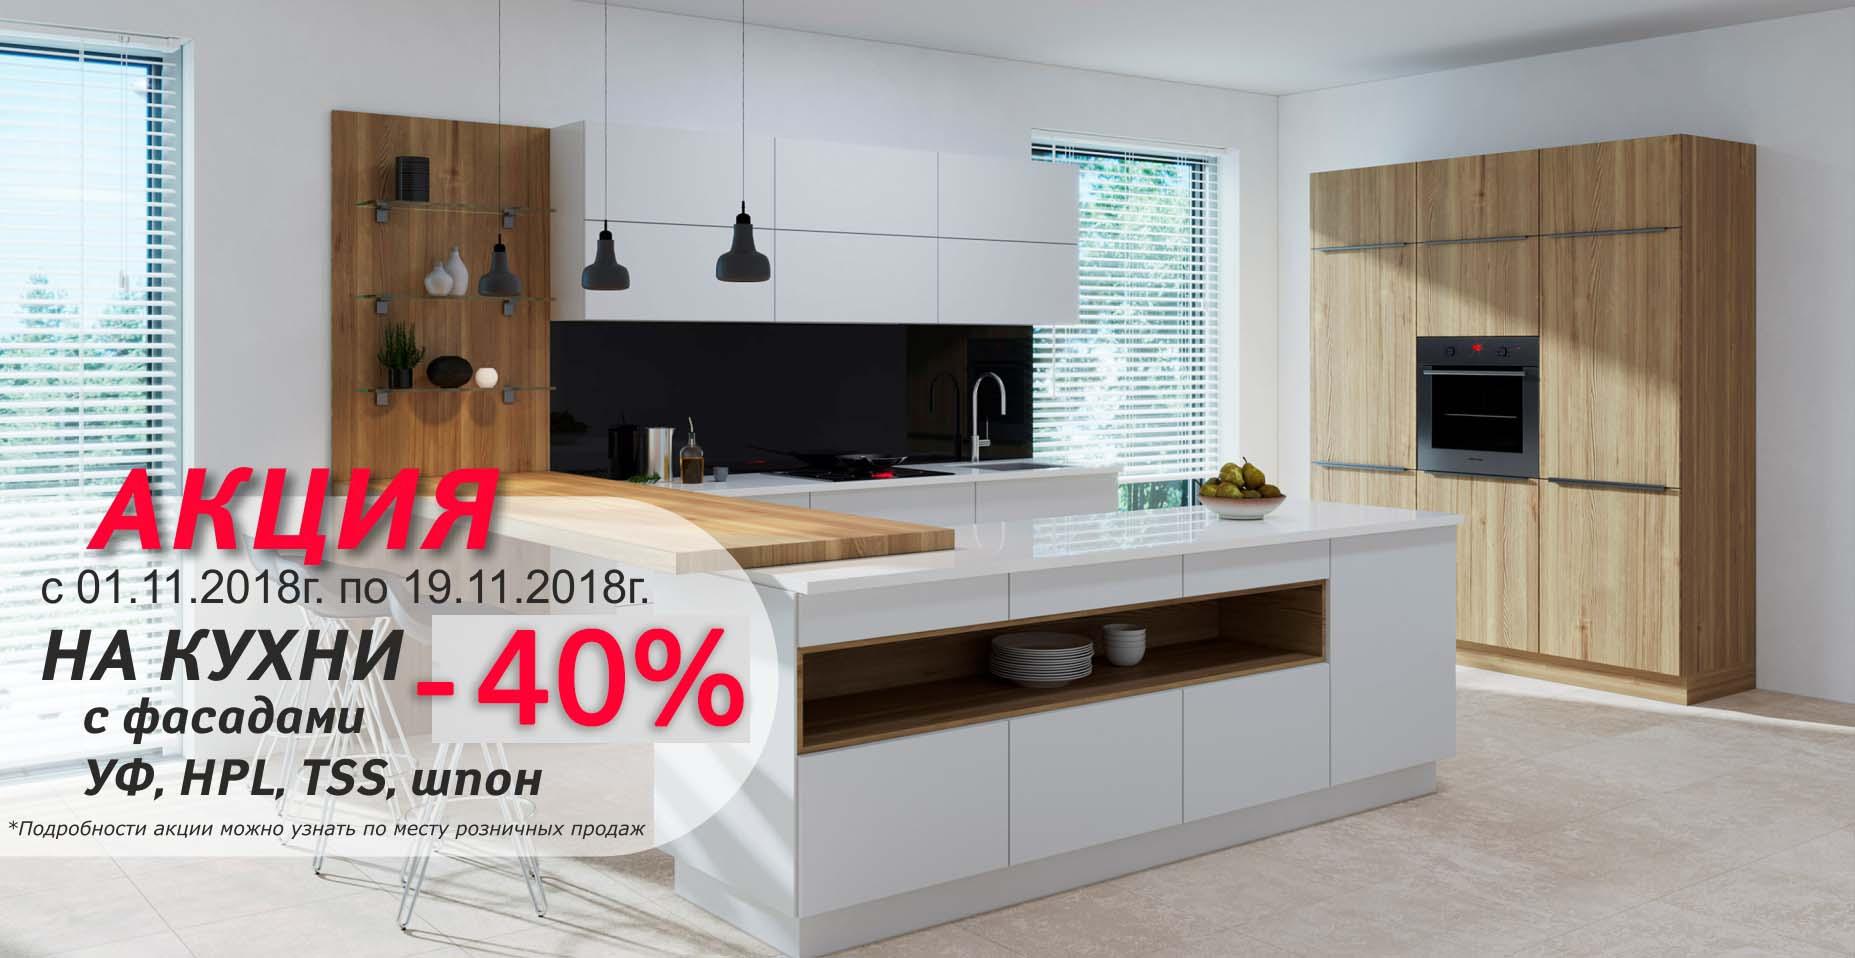 Скидка 40% на кухни с фасадами УФ, HPL, TSS, шпон